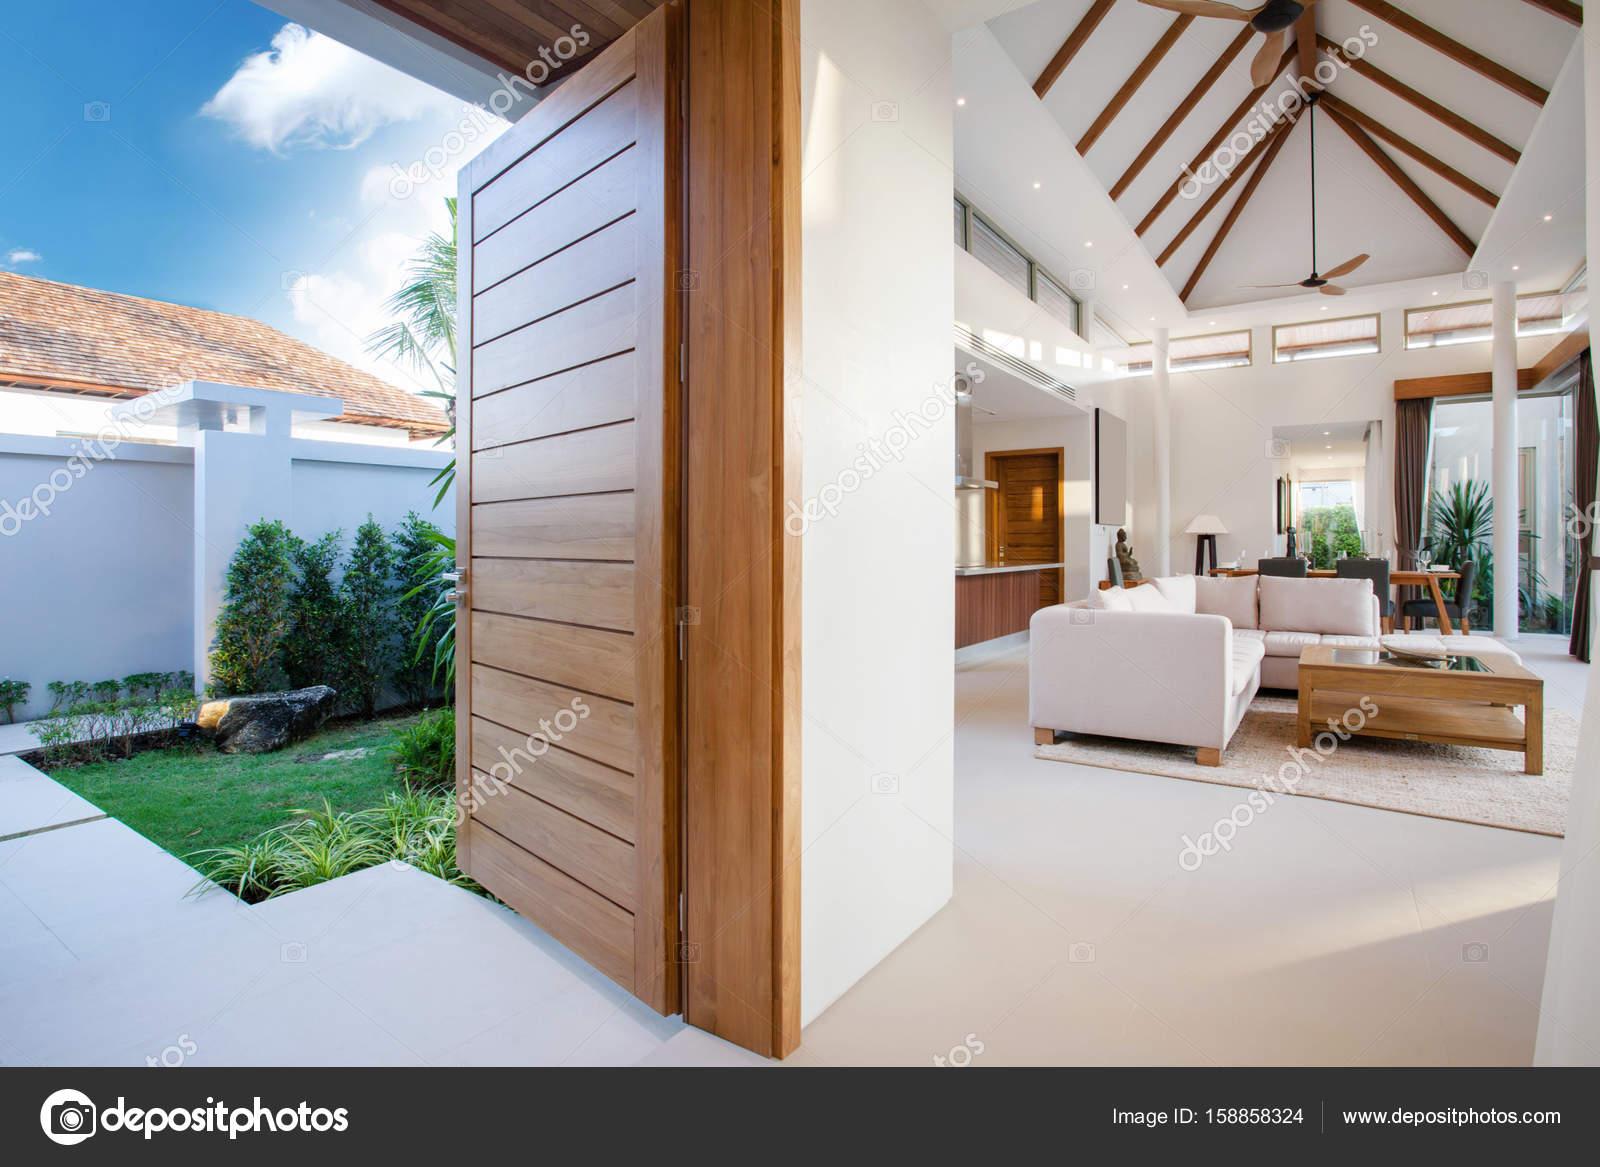 Pool design holz  Luxus Inneneinrichtung im Wohnzimmer der Villen mit Pool. Luftigen ...